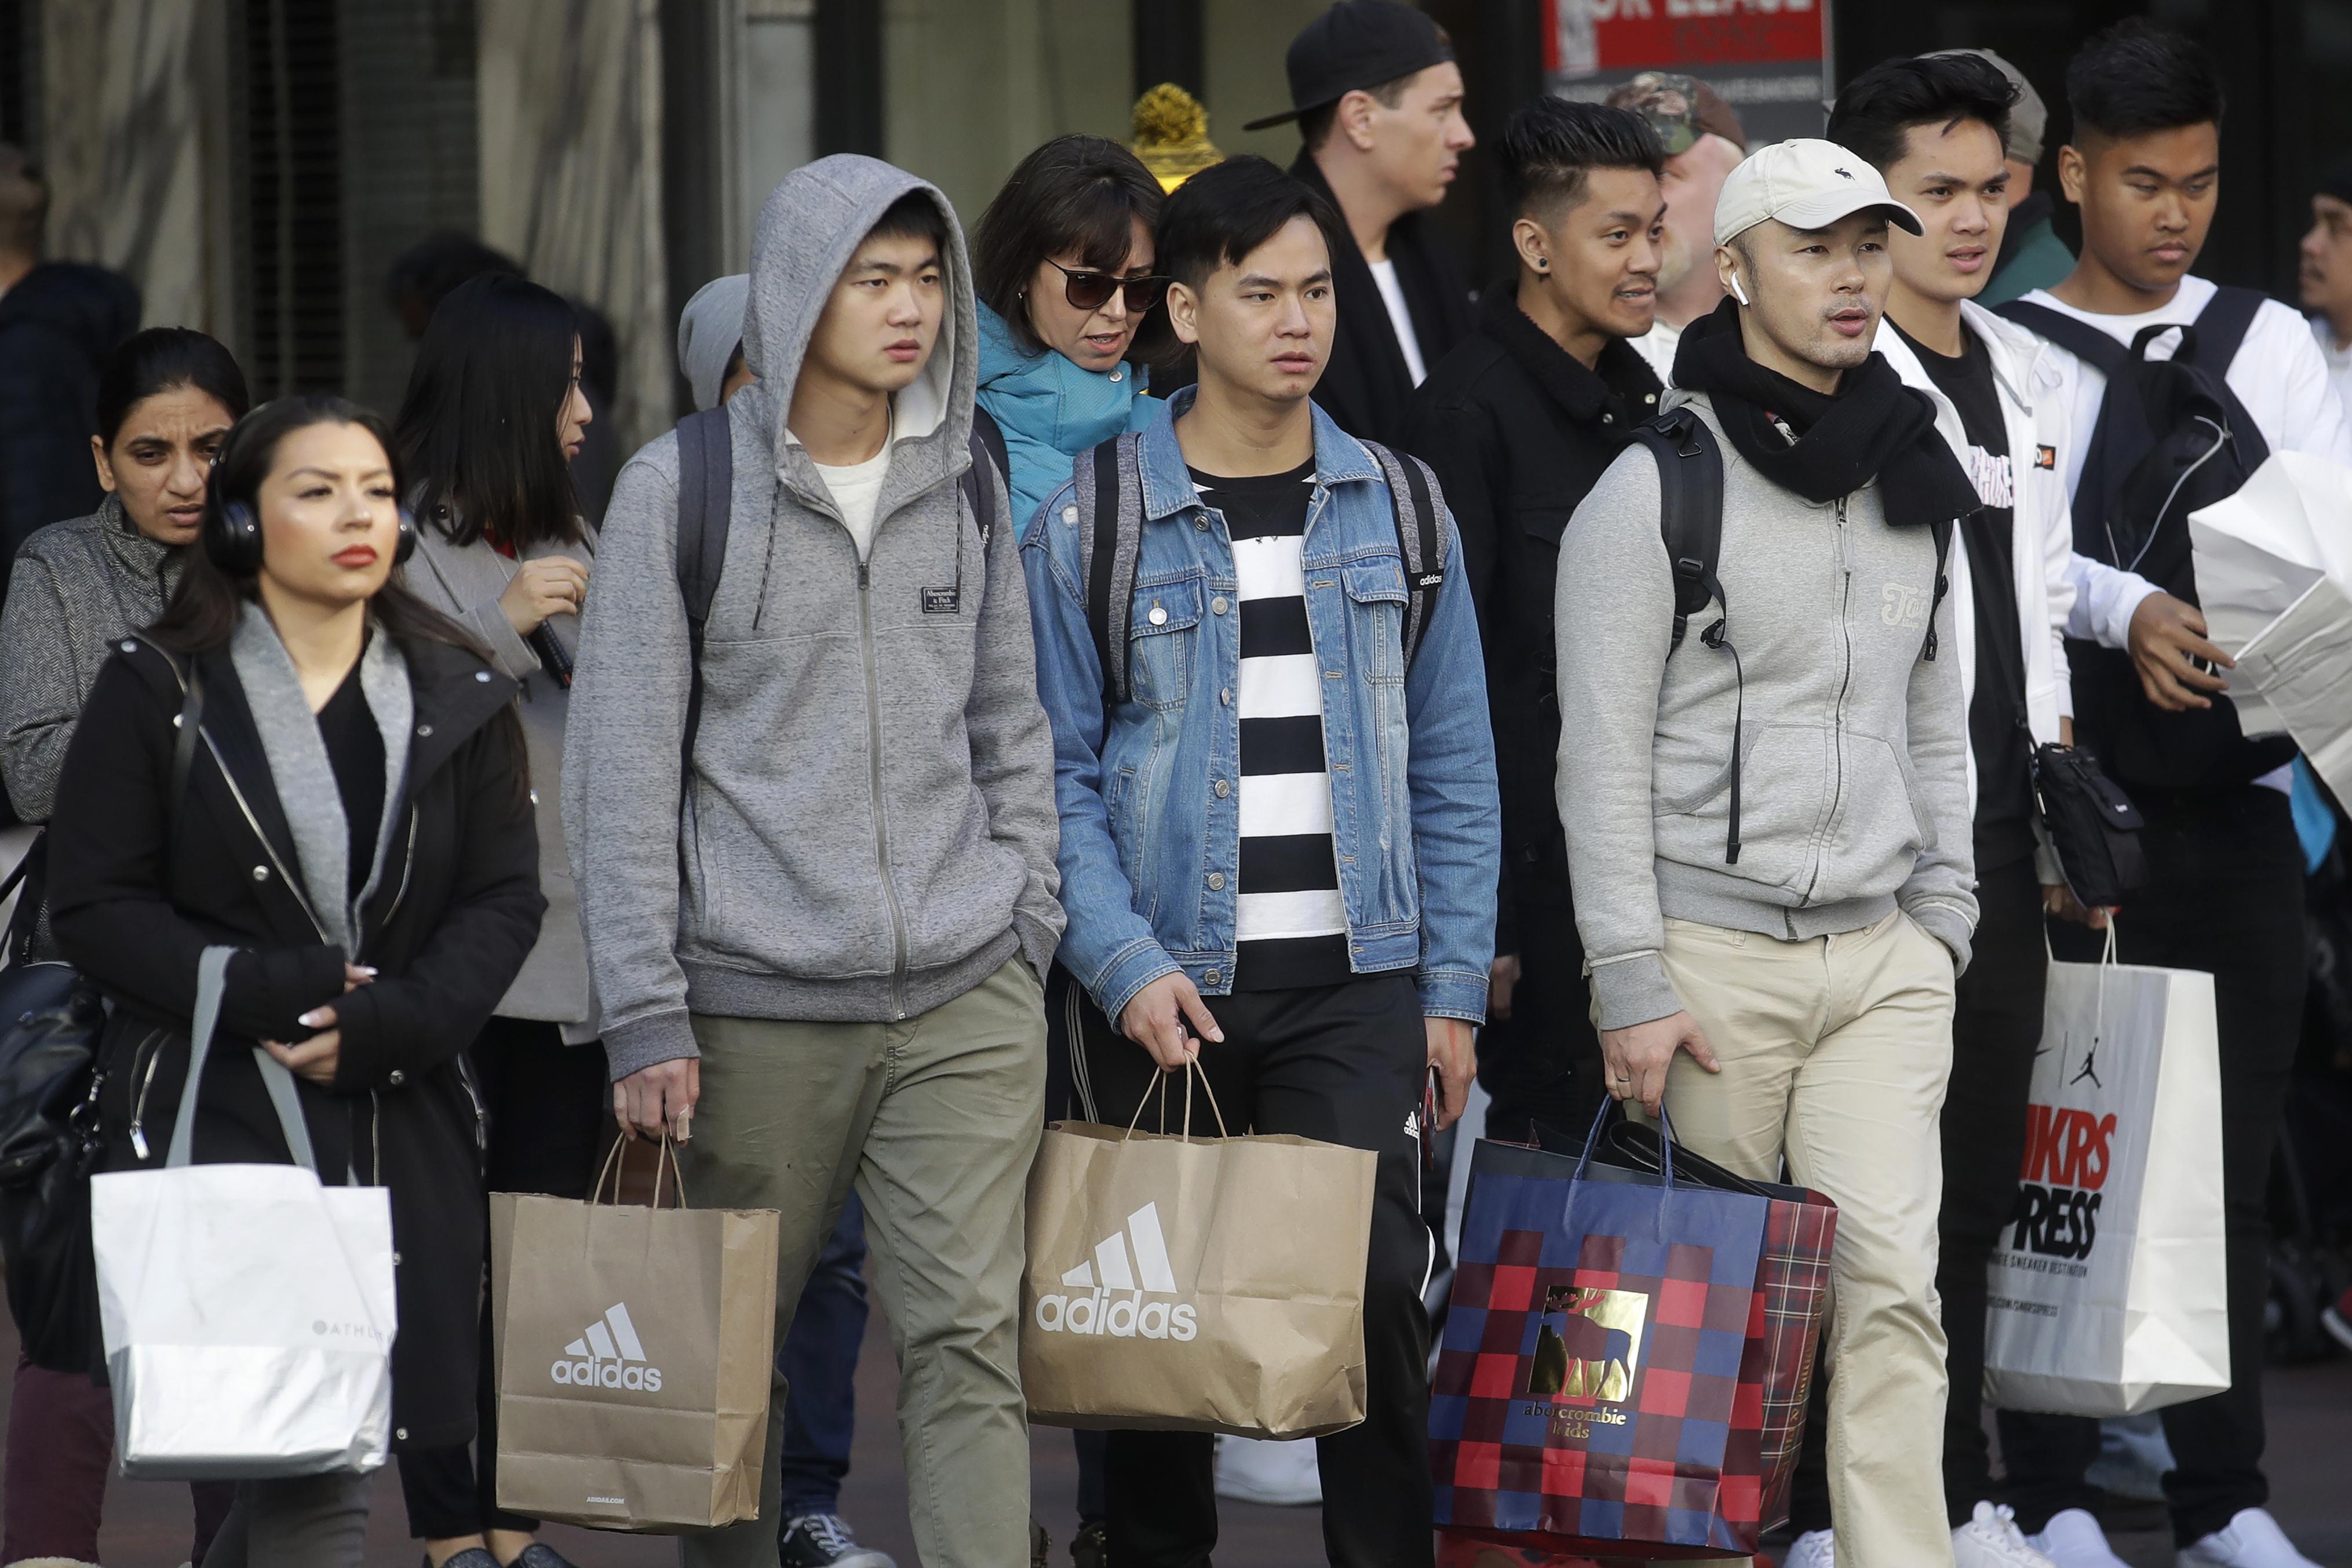 متسوقون في سان فرانسيسكو بعد أن اشتروا ما استطاعوا الحصول عليه